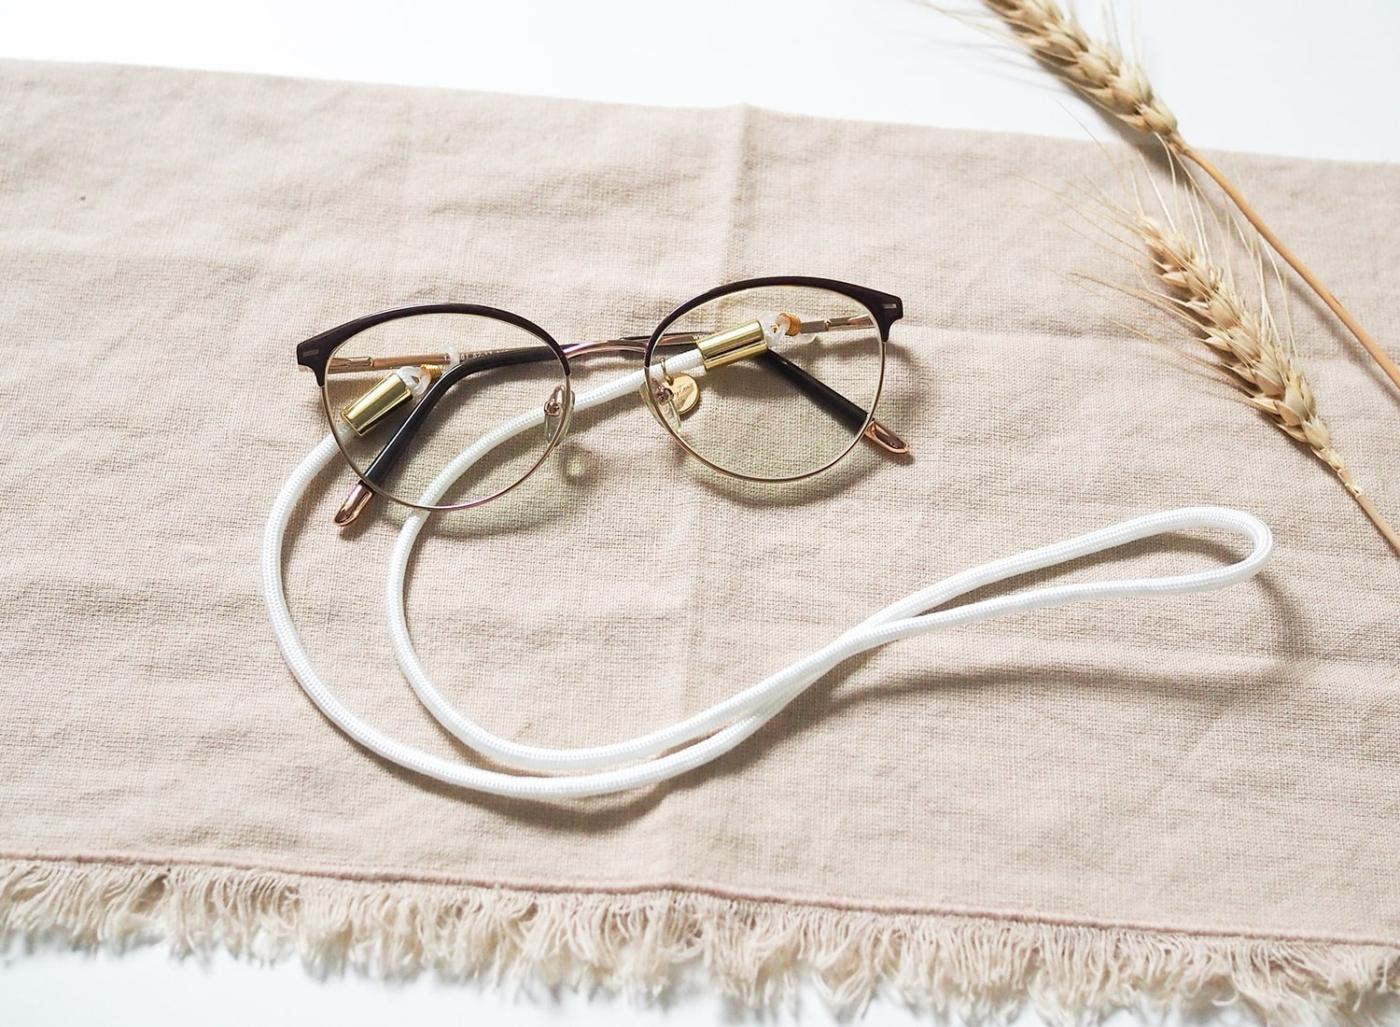 Brillenband aus Nylon/Stoff in weiß mit goldenen Elementen an Brille.